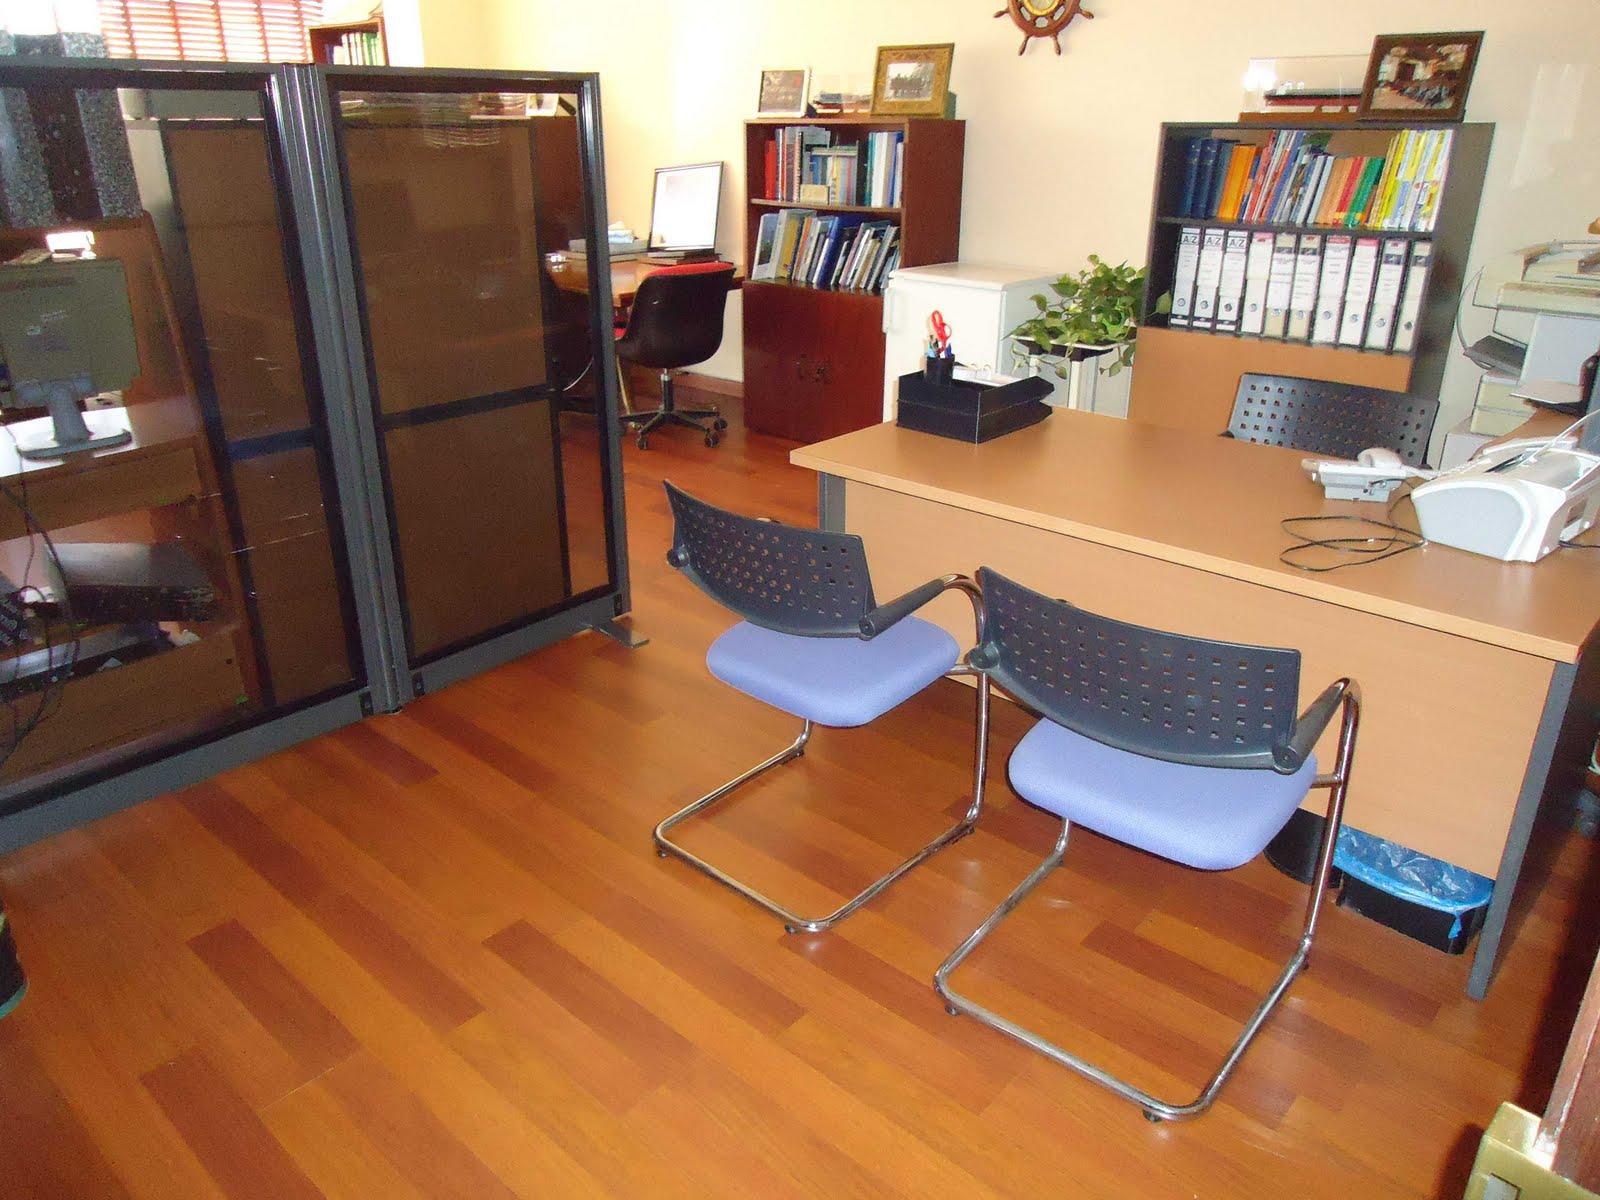 Tarimas para su reforma en madrid 916160661 - Trabajo carpintero madrid ...